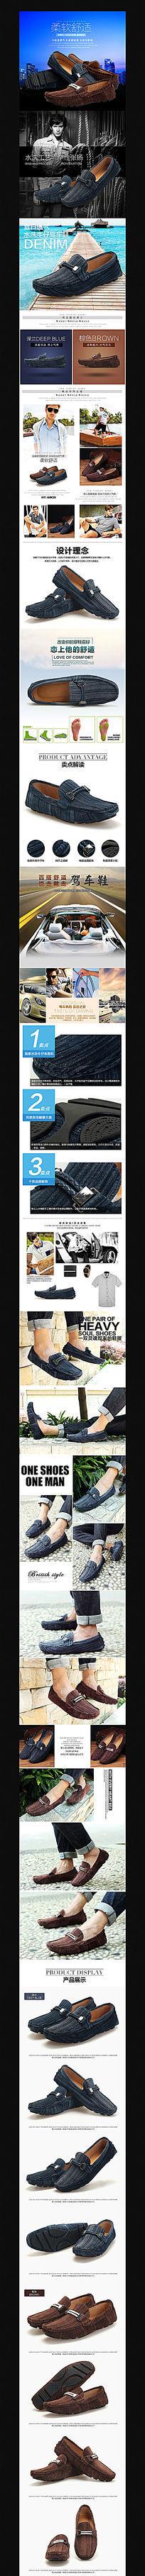 淘宝男士休闲皮鞋详情页描述PSD模板